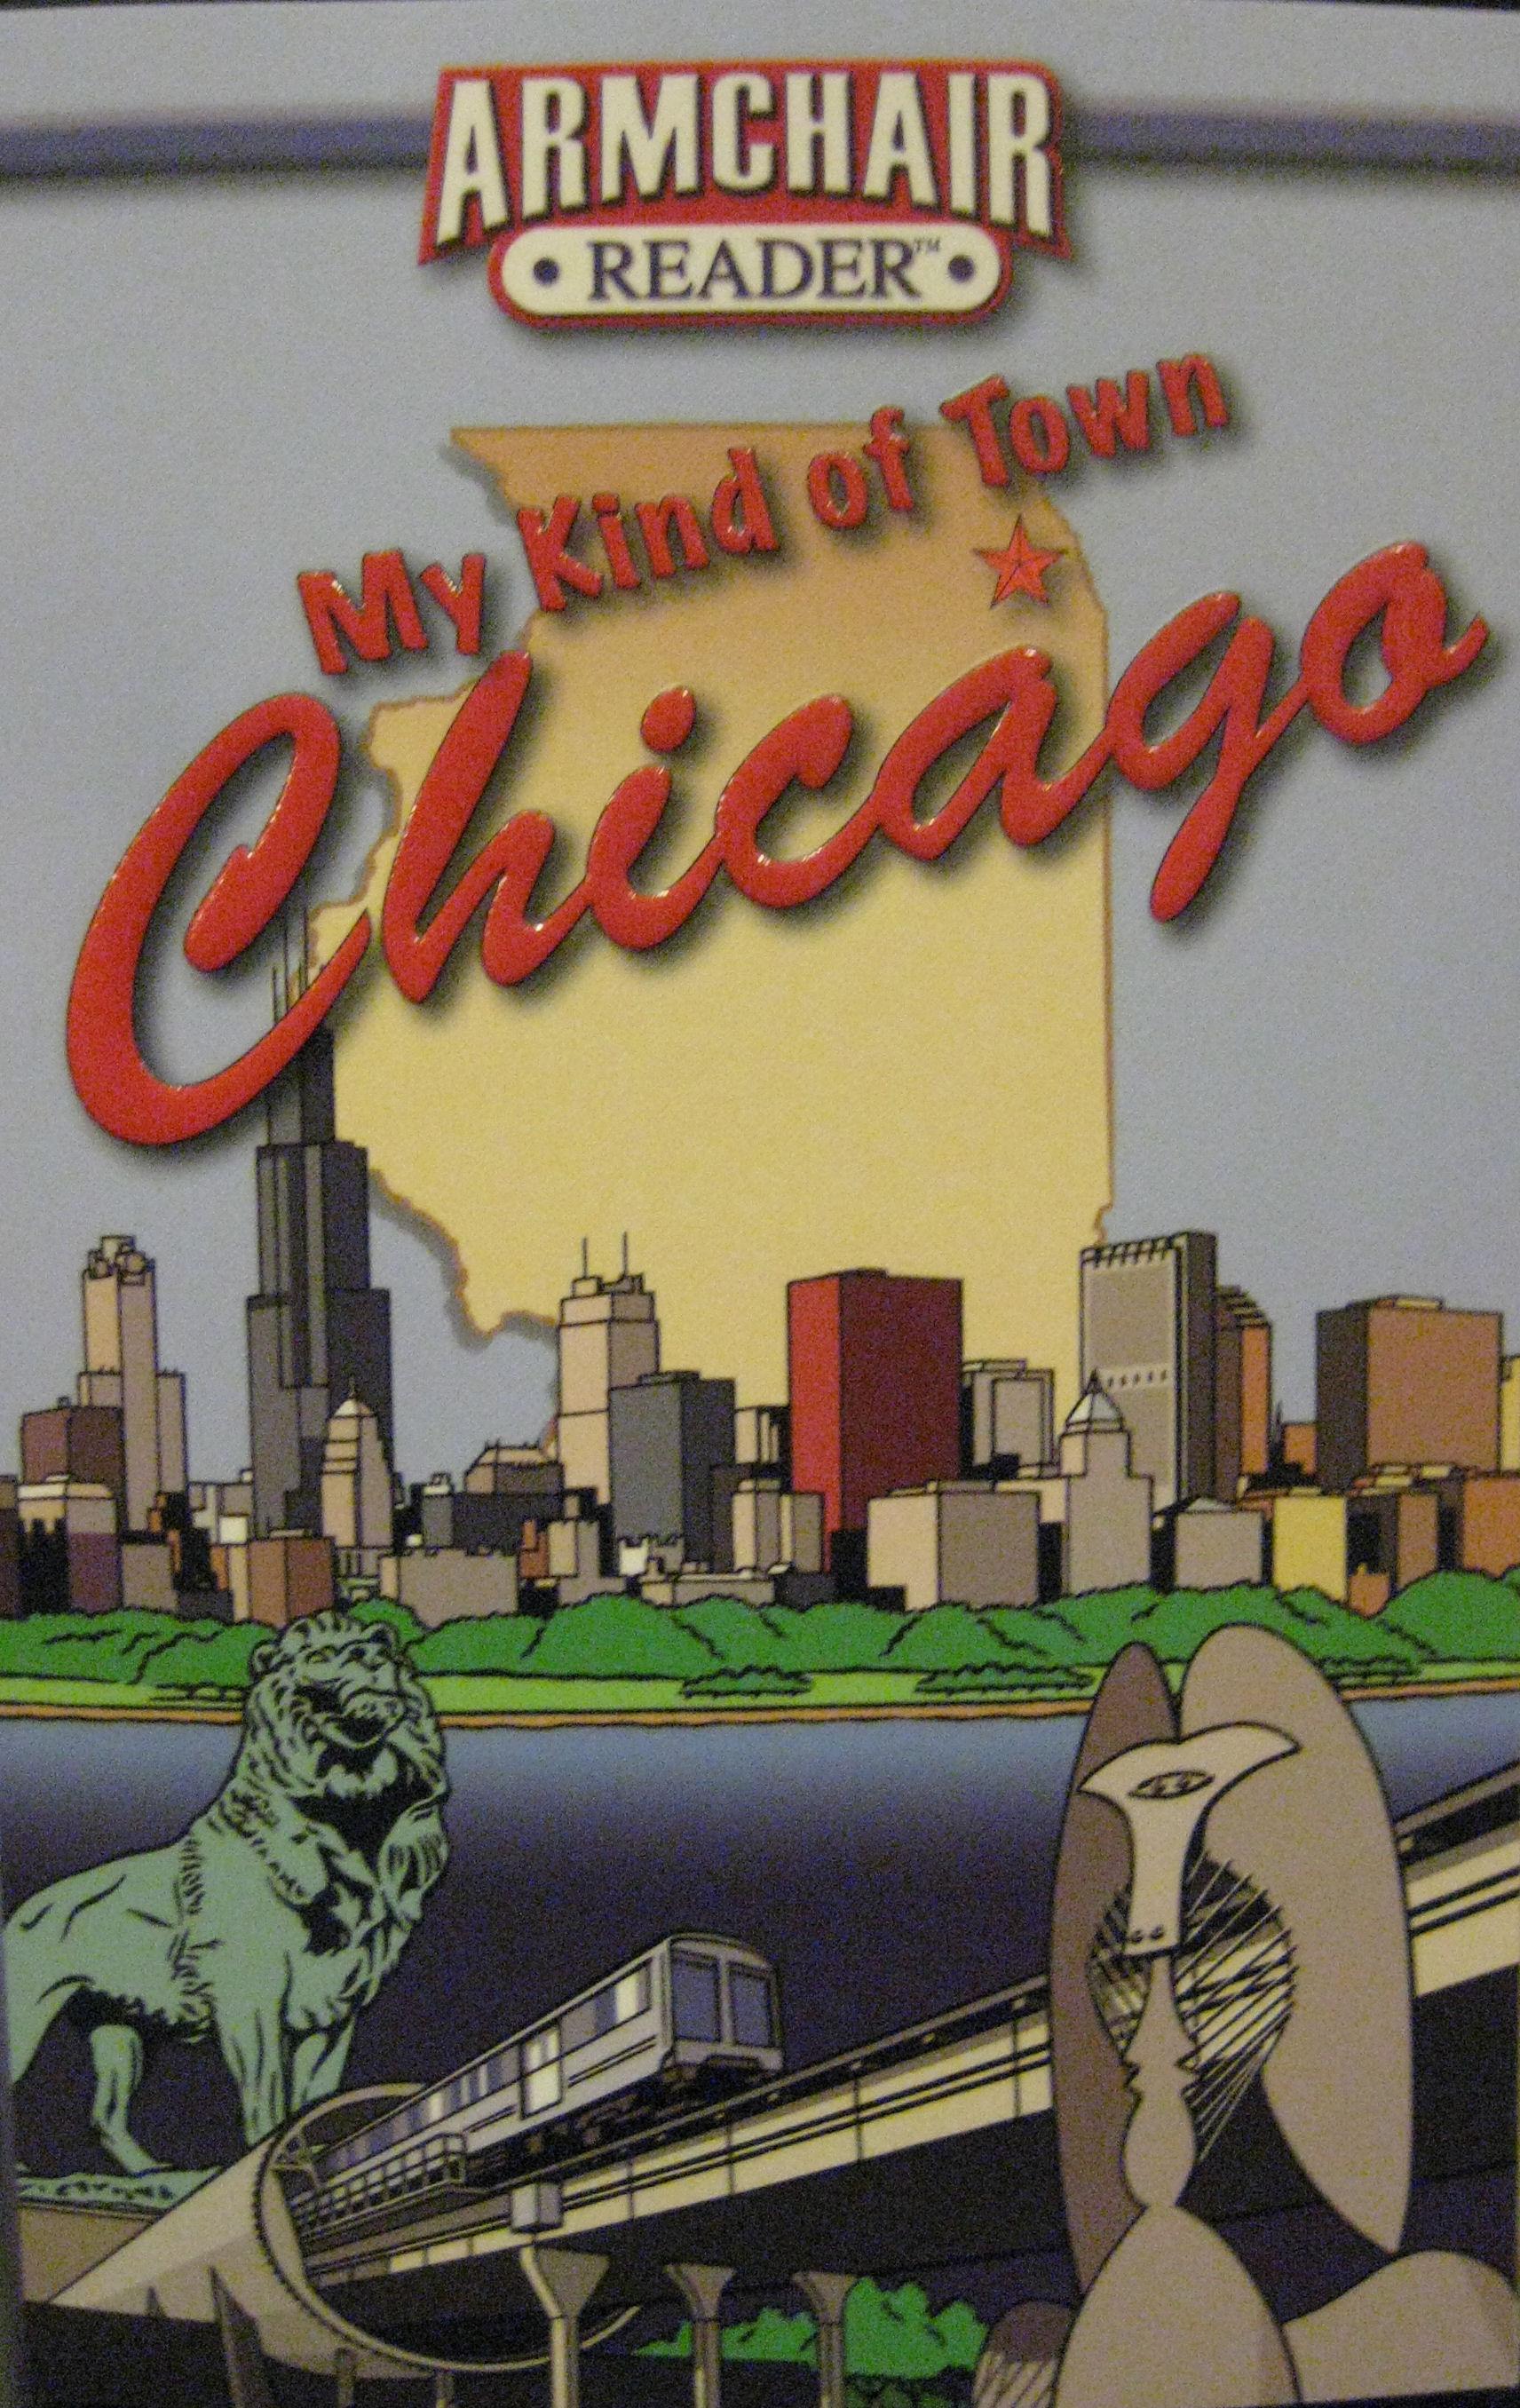 Armchair Reader Chicago.jpg